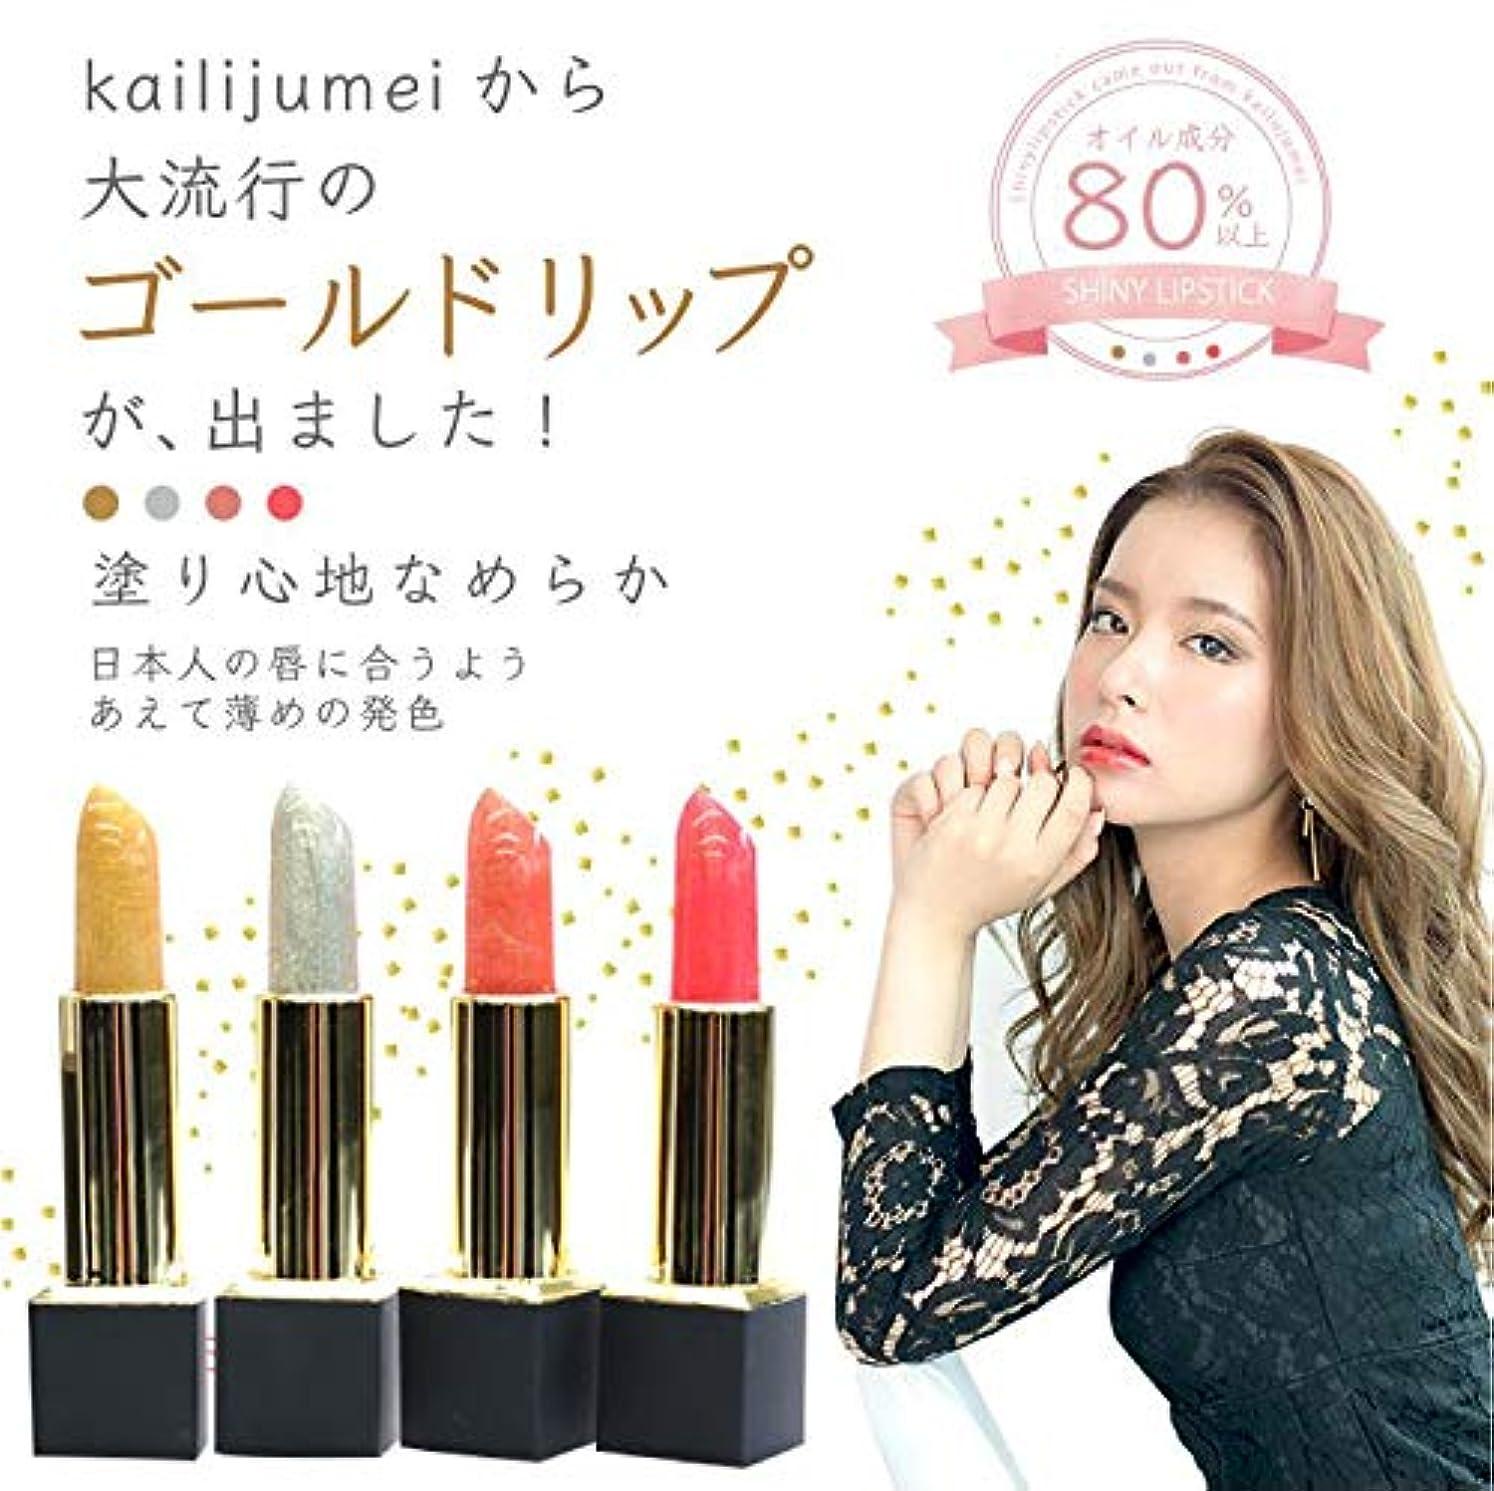 部分的にポット加害者Kailijumei シャイニーリップ ひと塗りでゴージャスな唇へ ゴールドリップ 口紅 (ヌーディオレンジ)